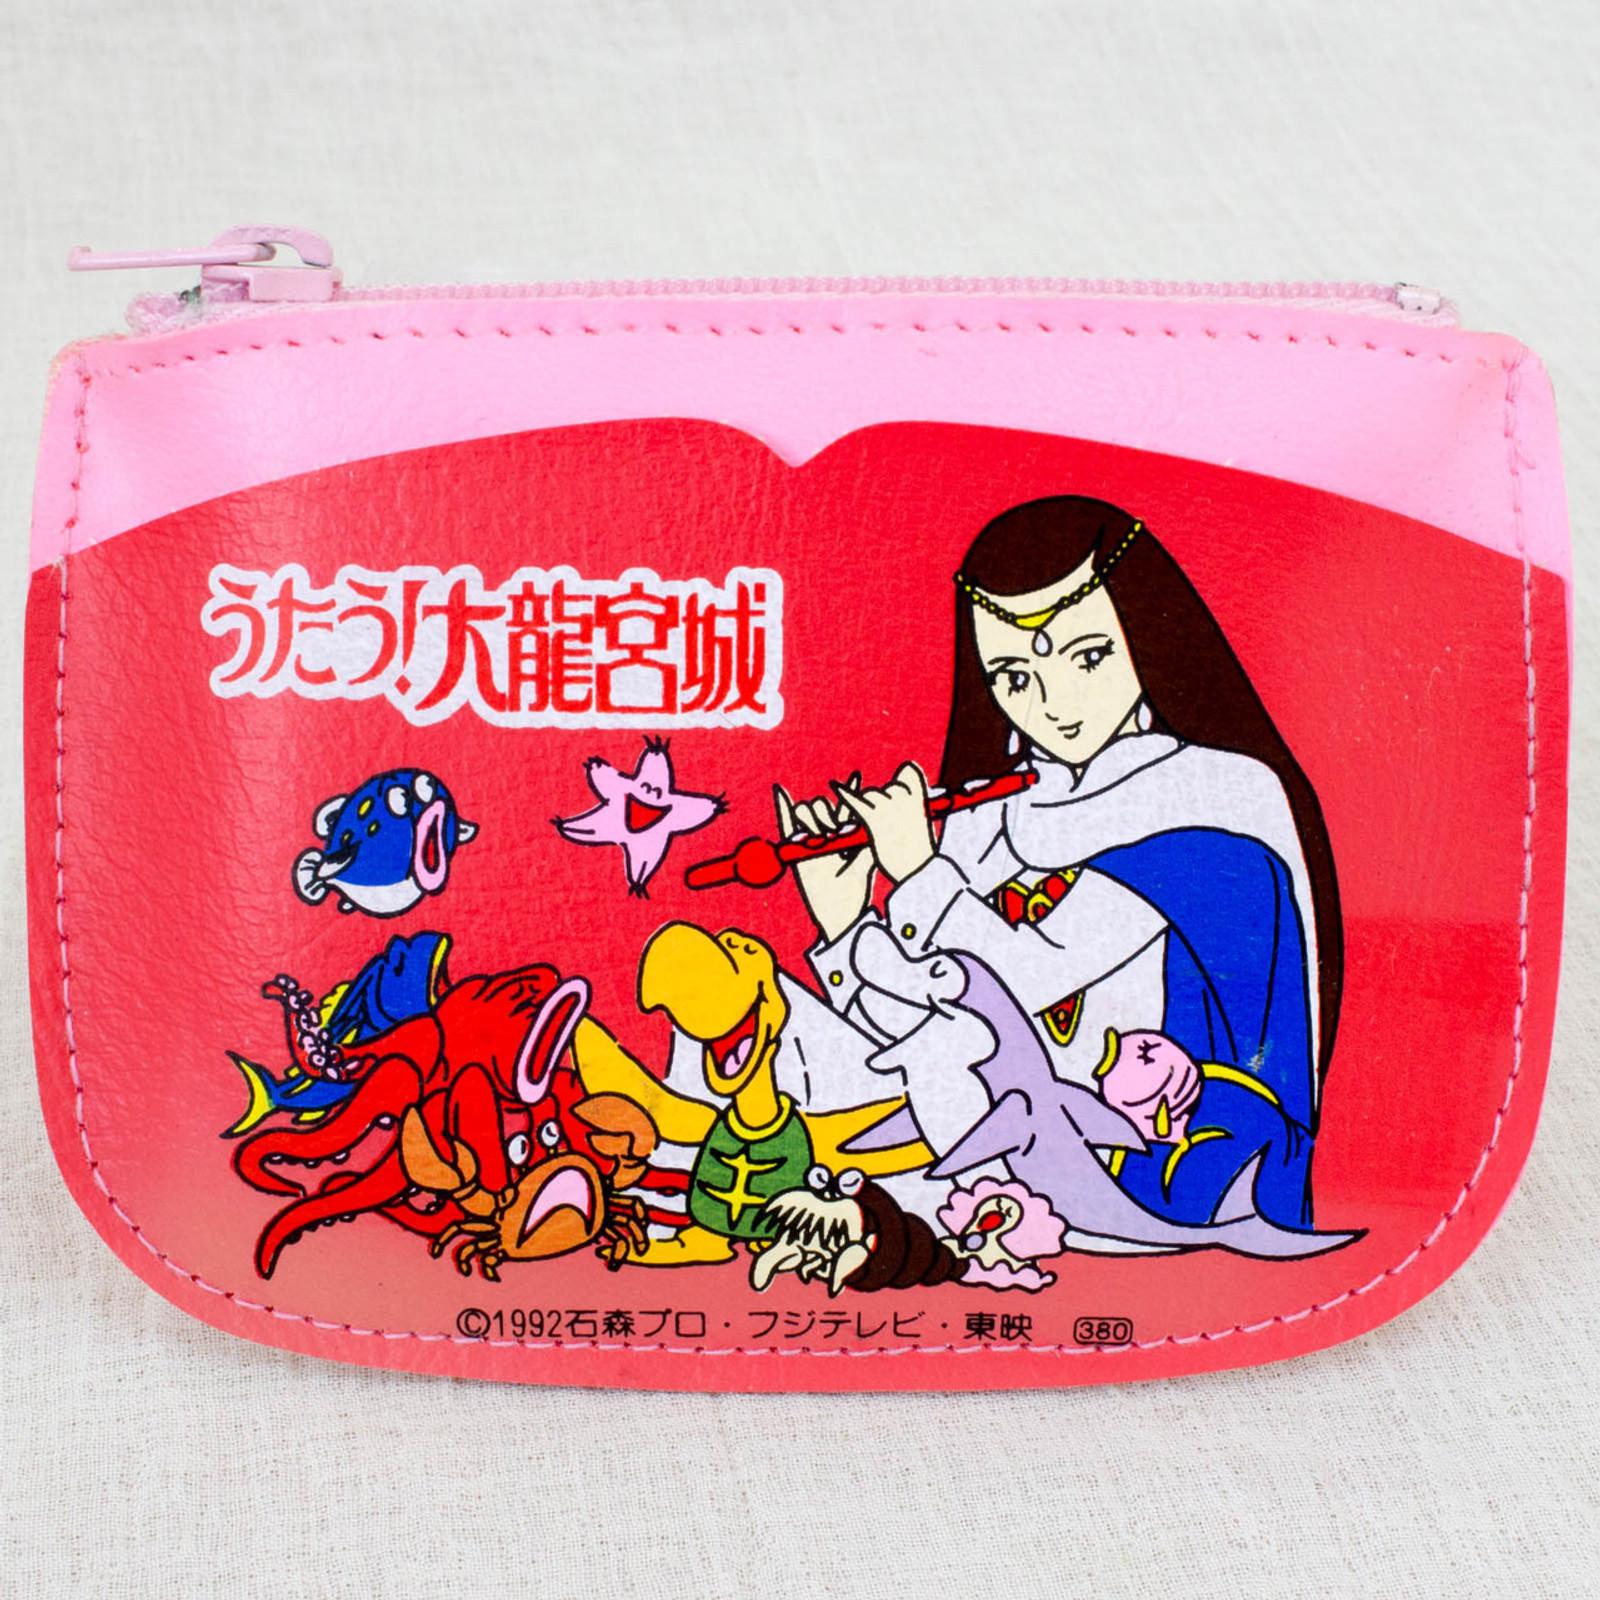 Utau! Dairyugujo Coin Case Red Ver. JAPAN ANIME SHOTARO ISHINOMORI